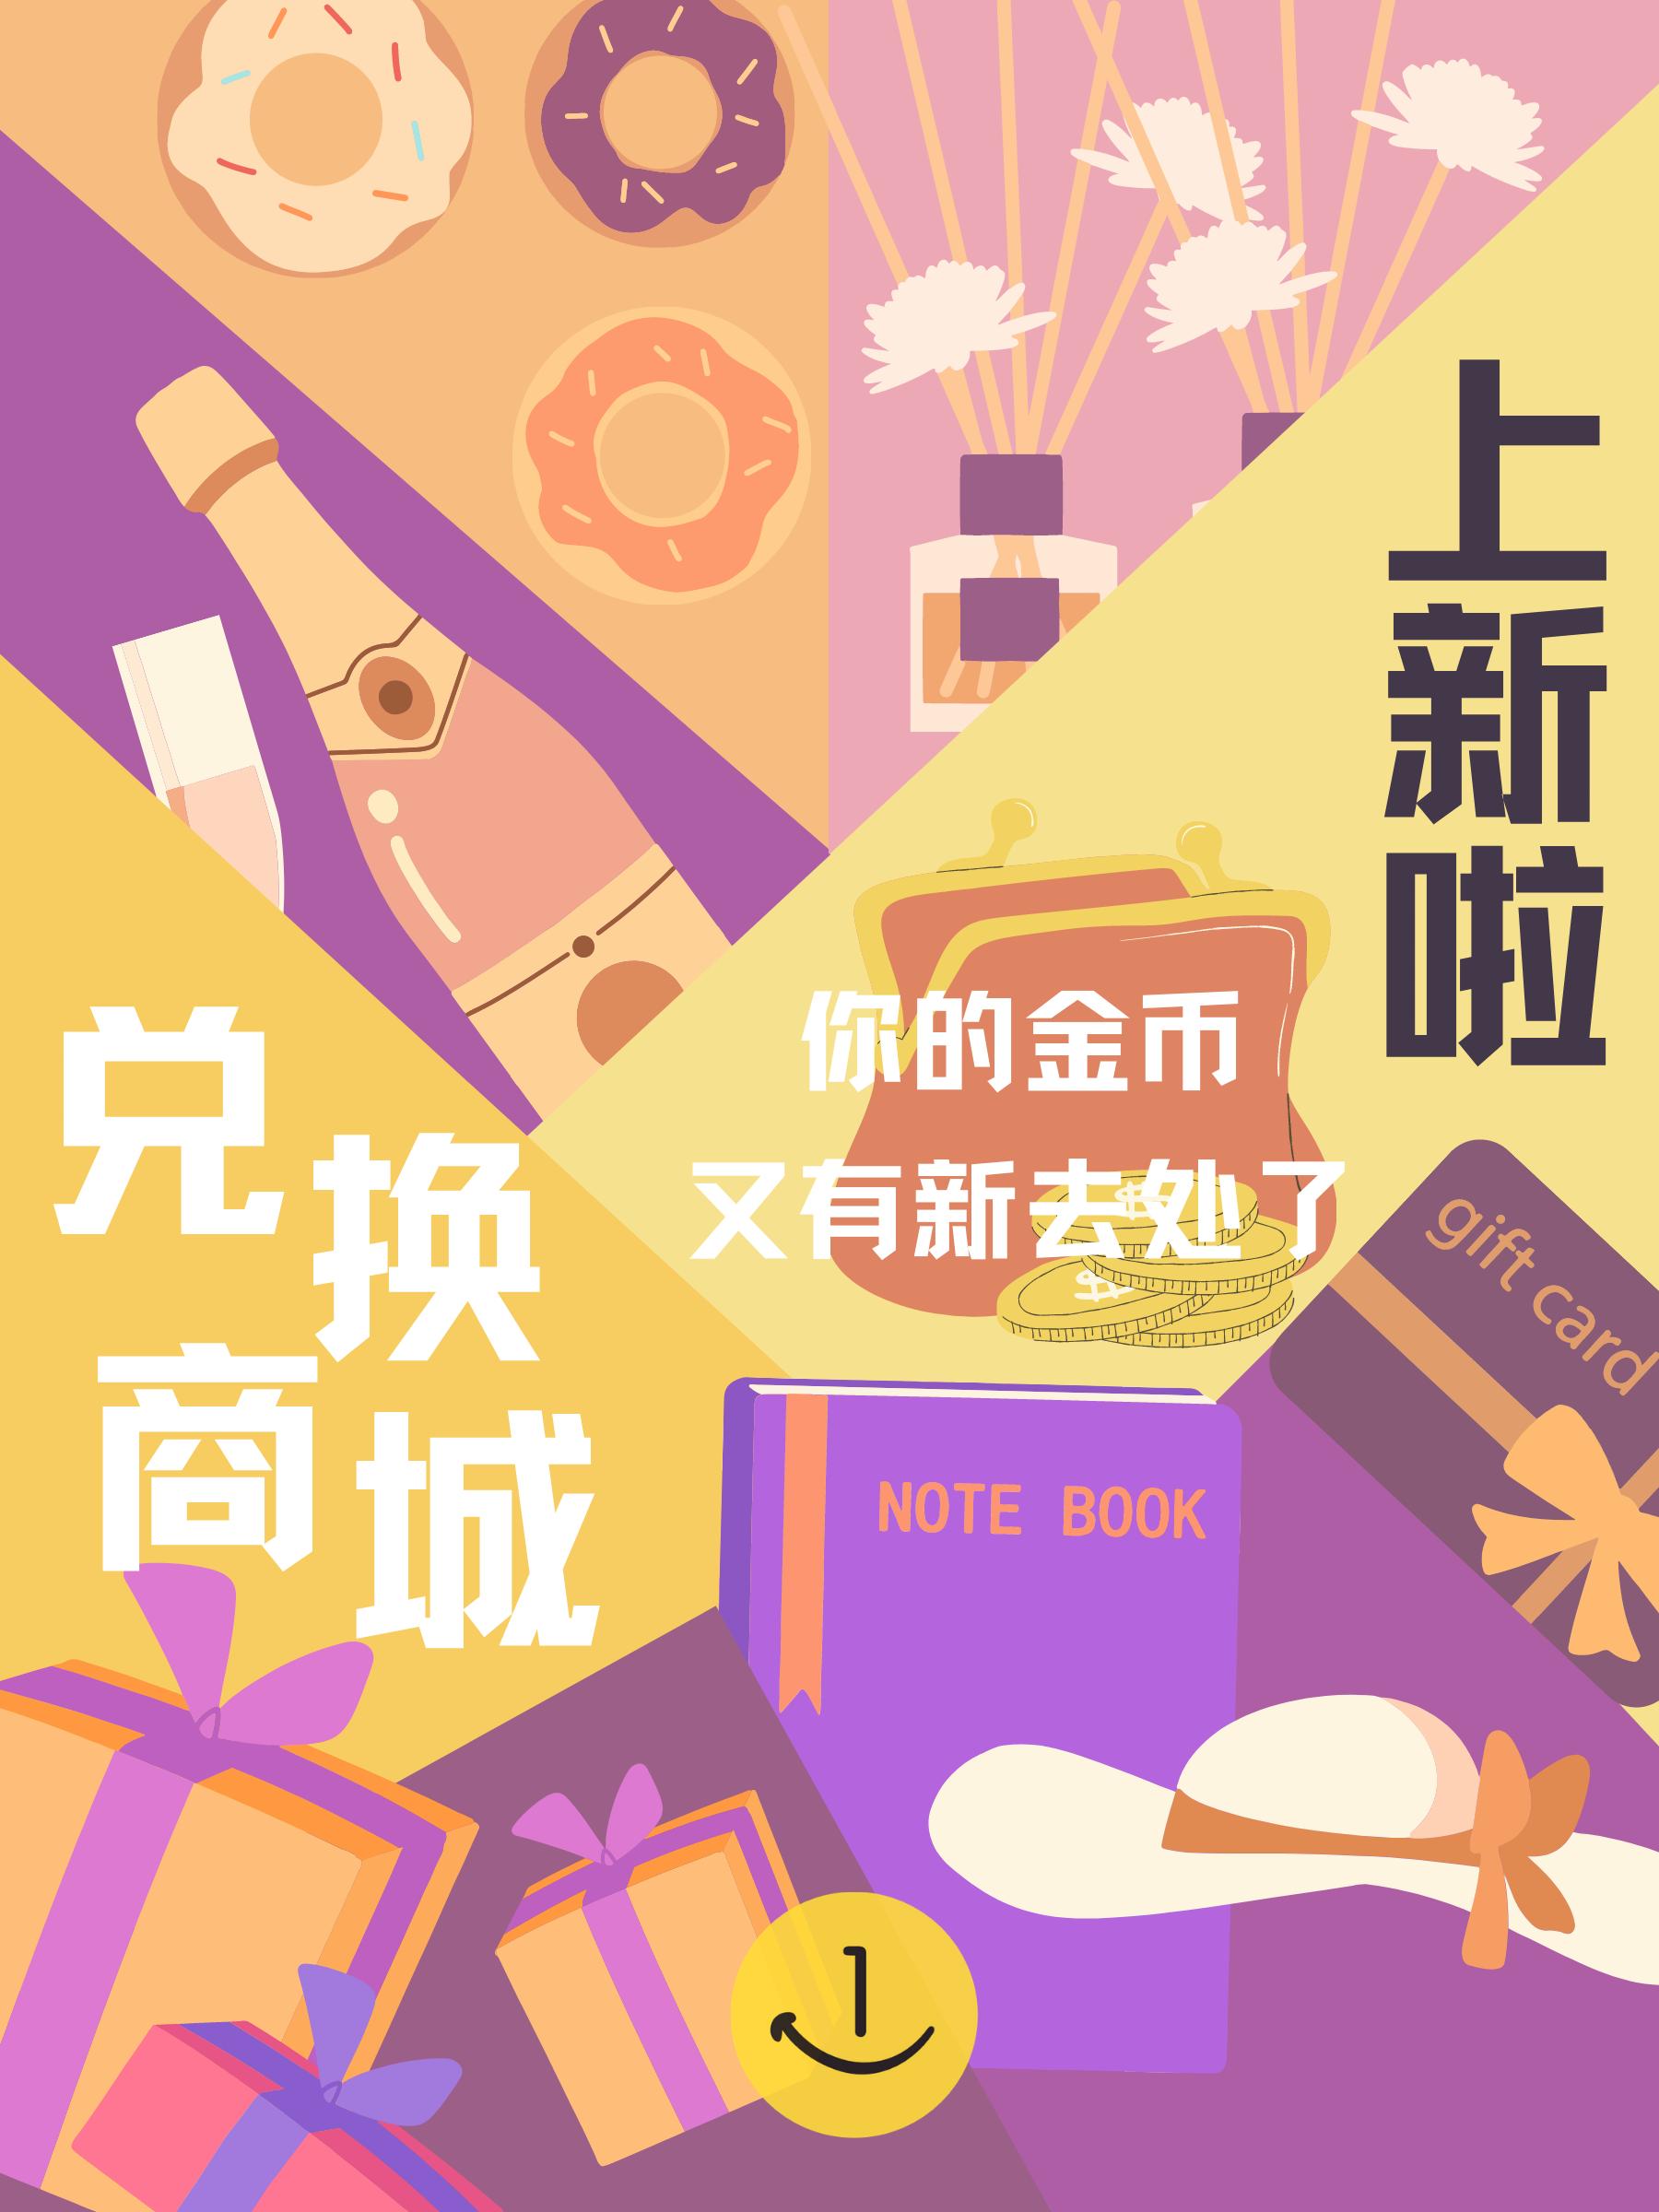 报——金币兑换商城上新啦!!!